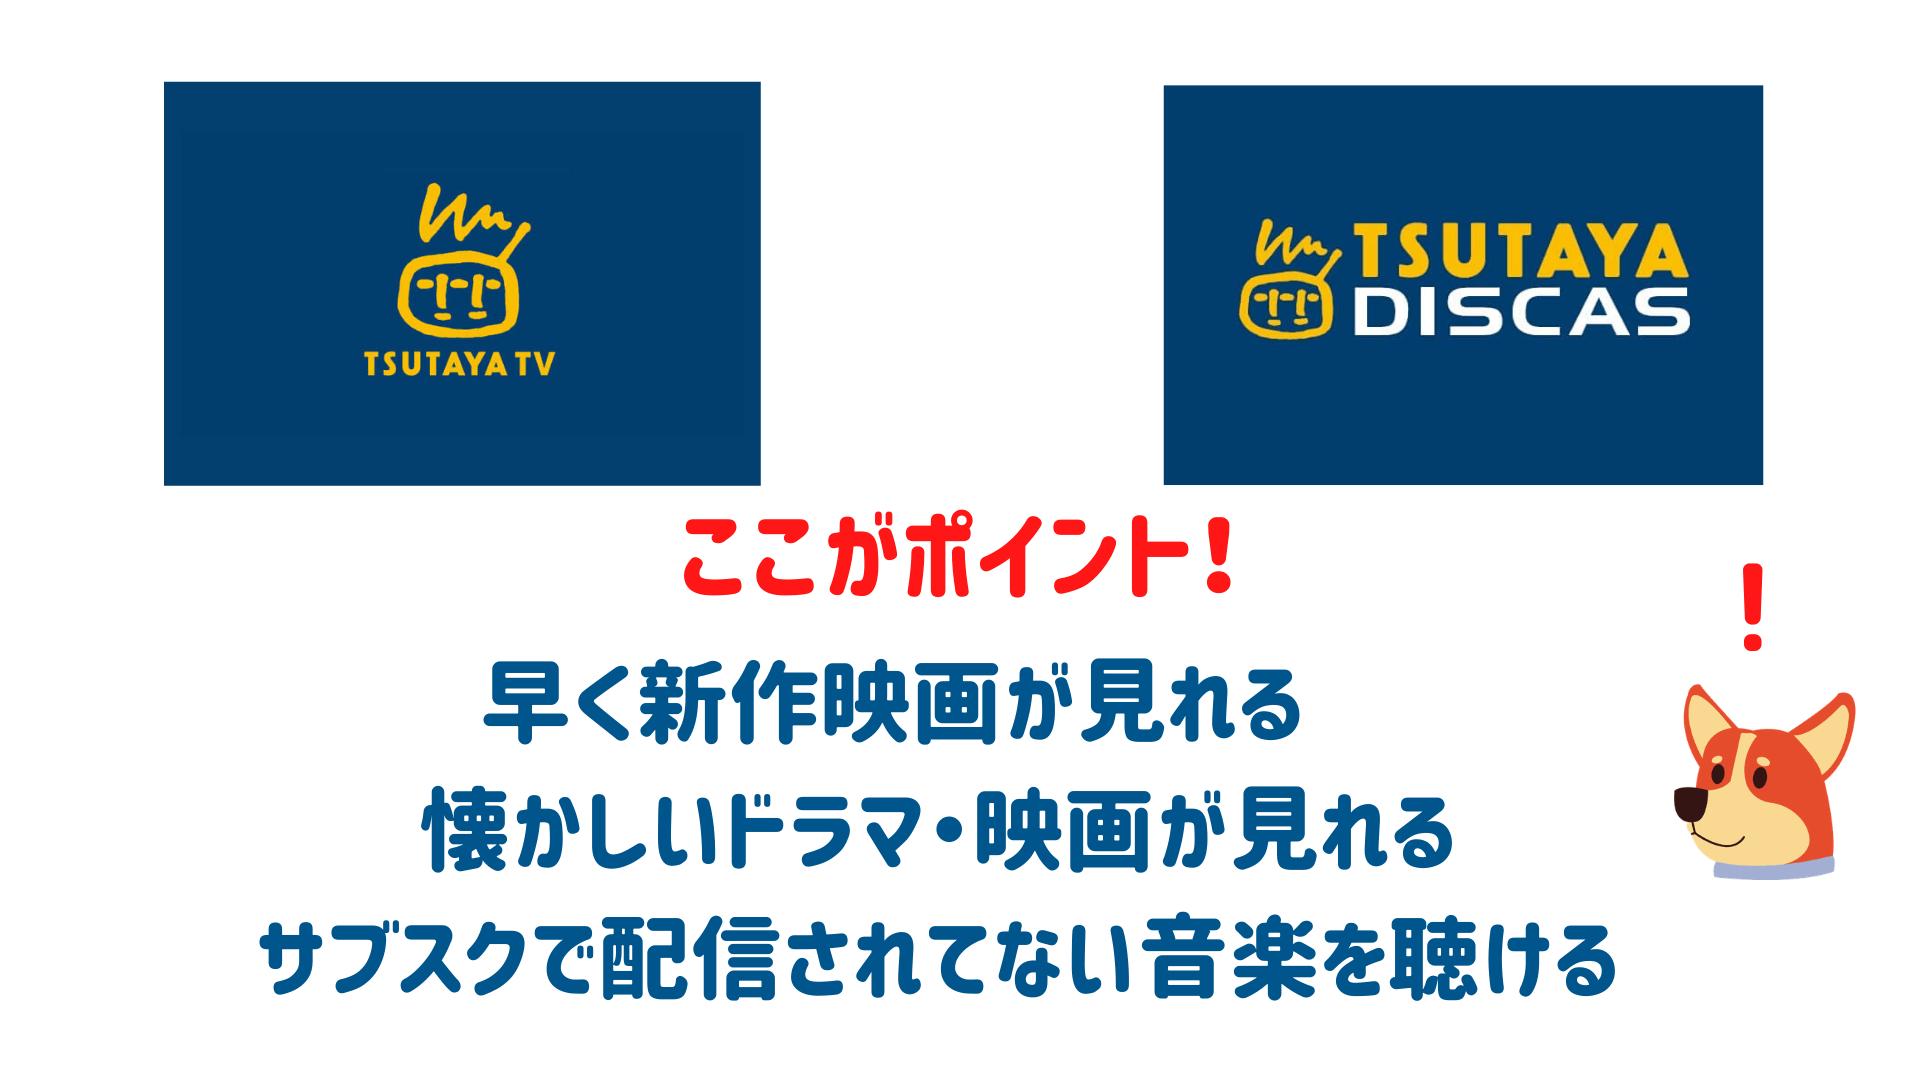 TSUTAYA TVのメリットについて説明している